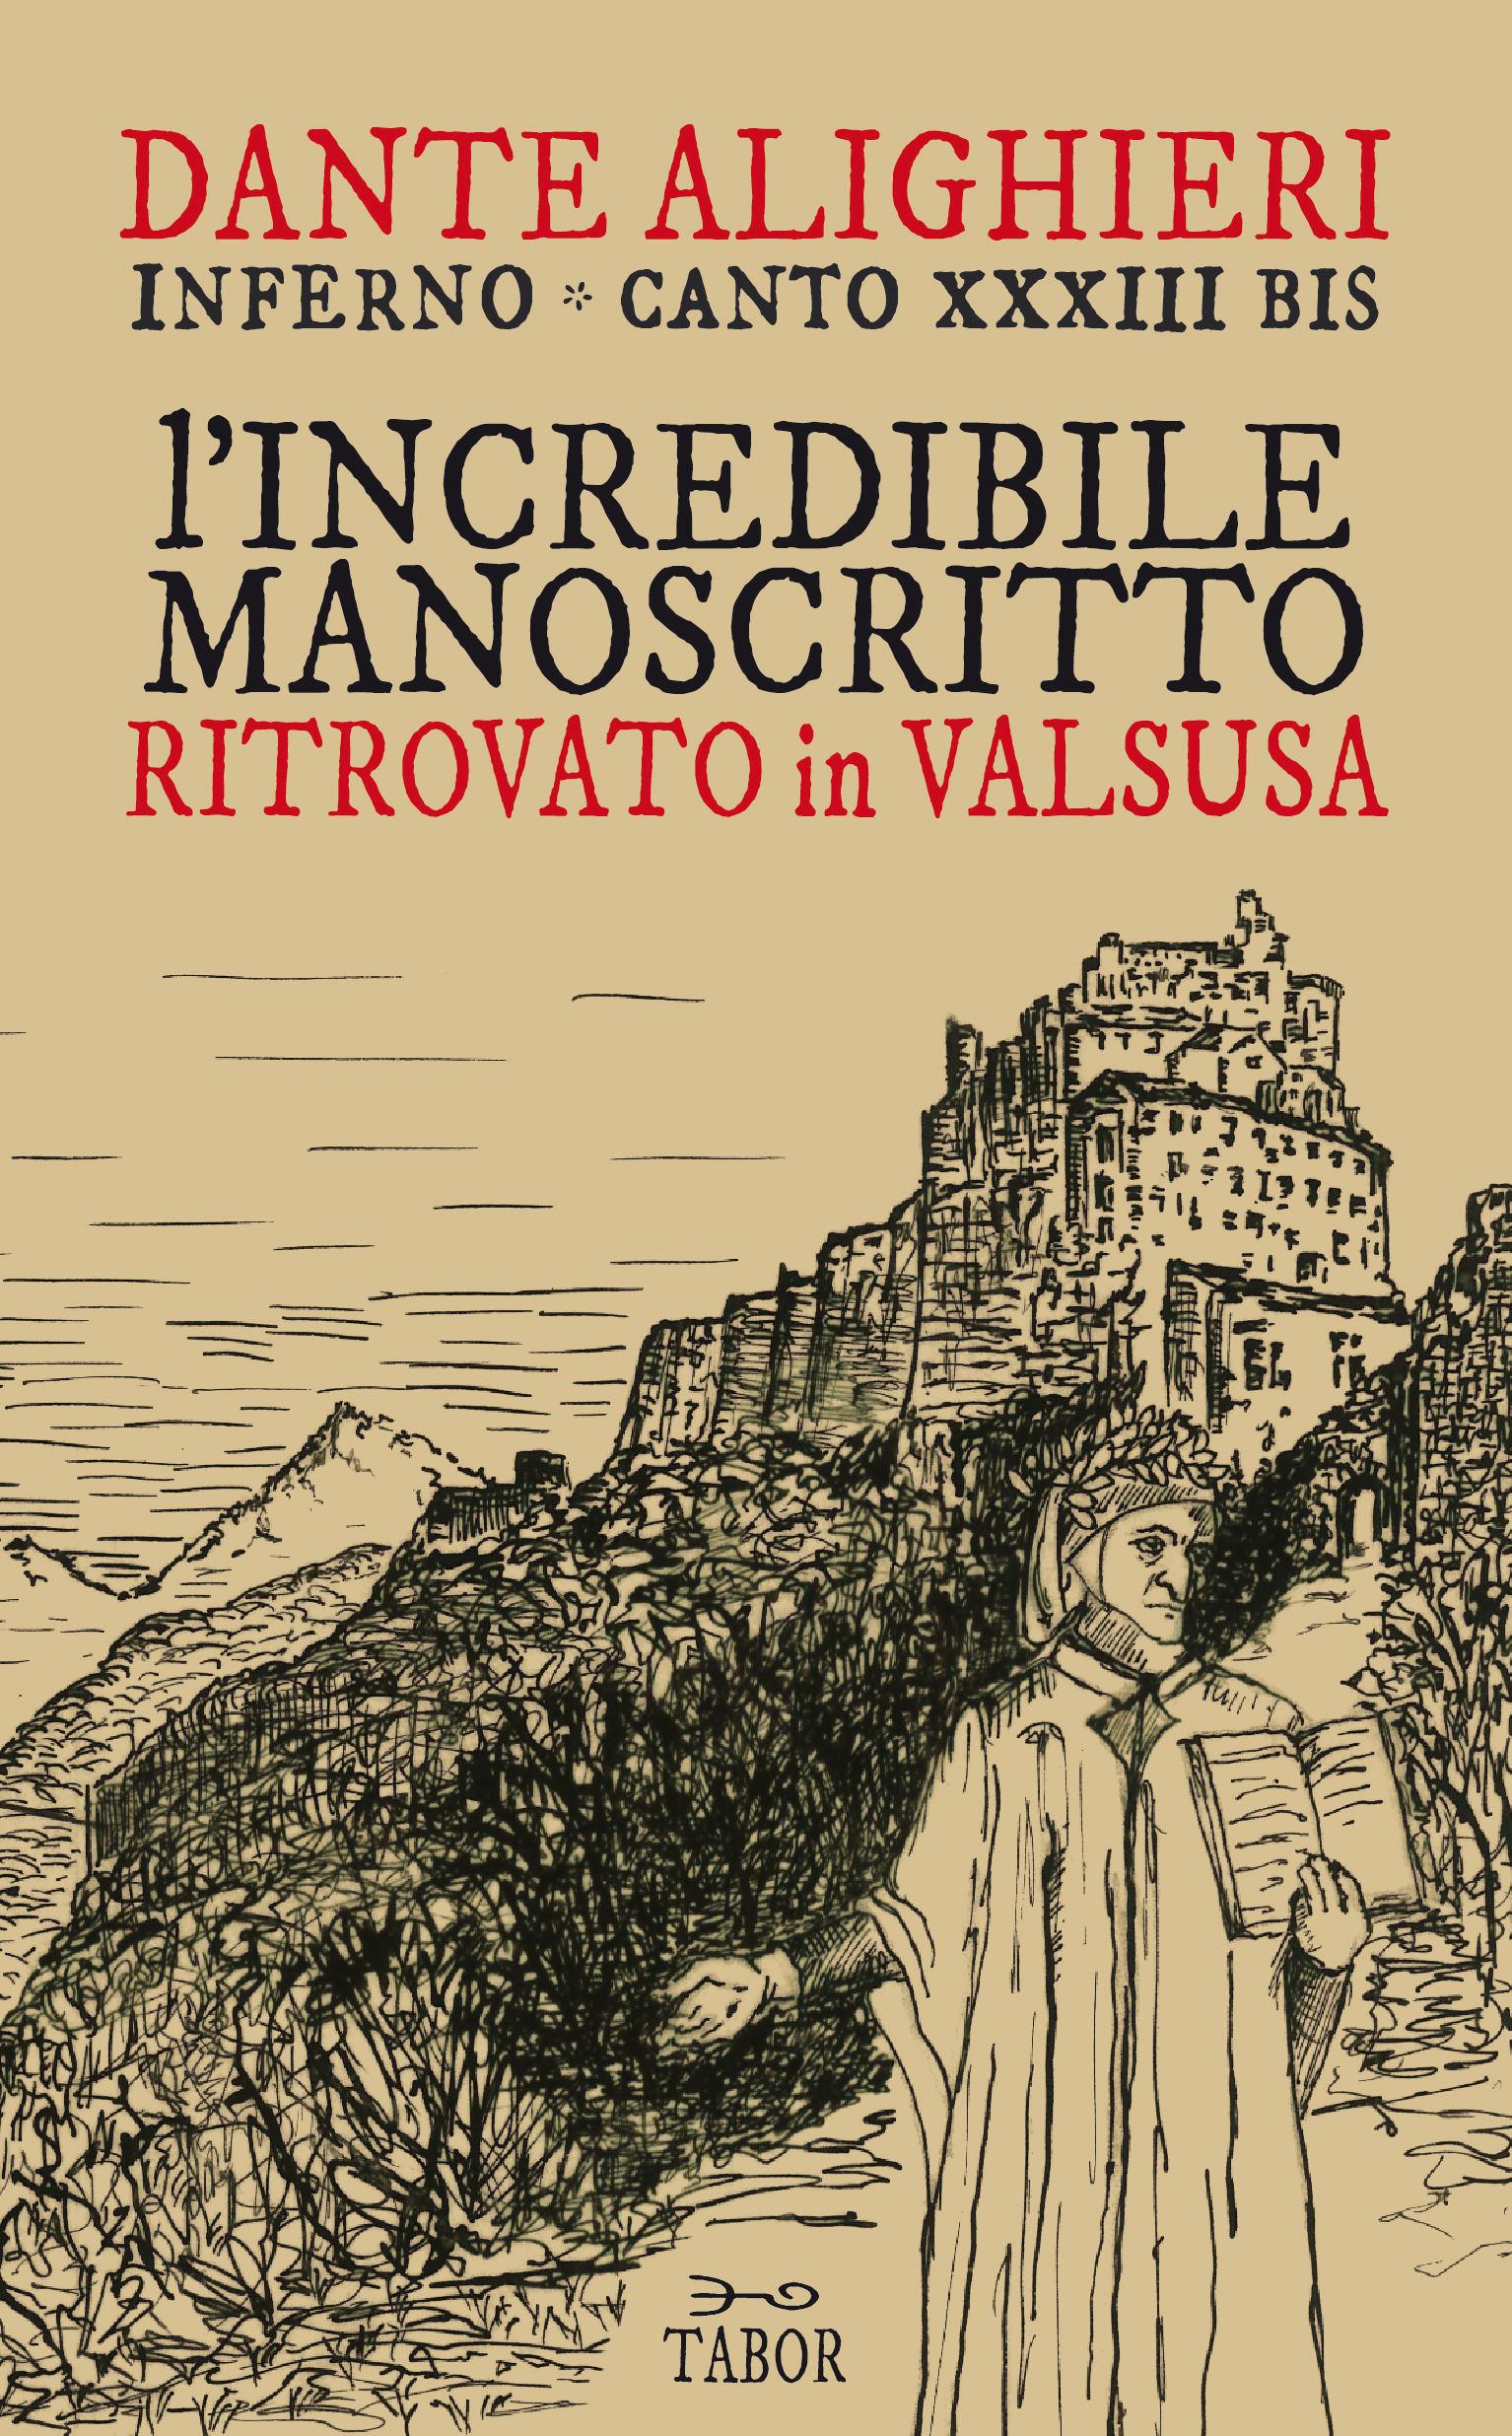 Inferno – Canto XXXIII bis – L'incredibile manoscritto ritrovato in Valsusa